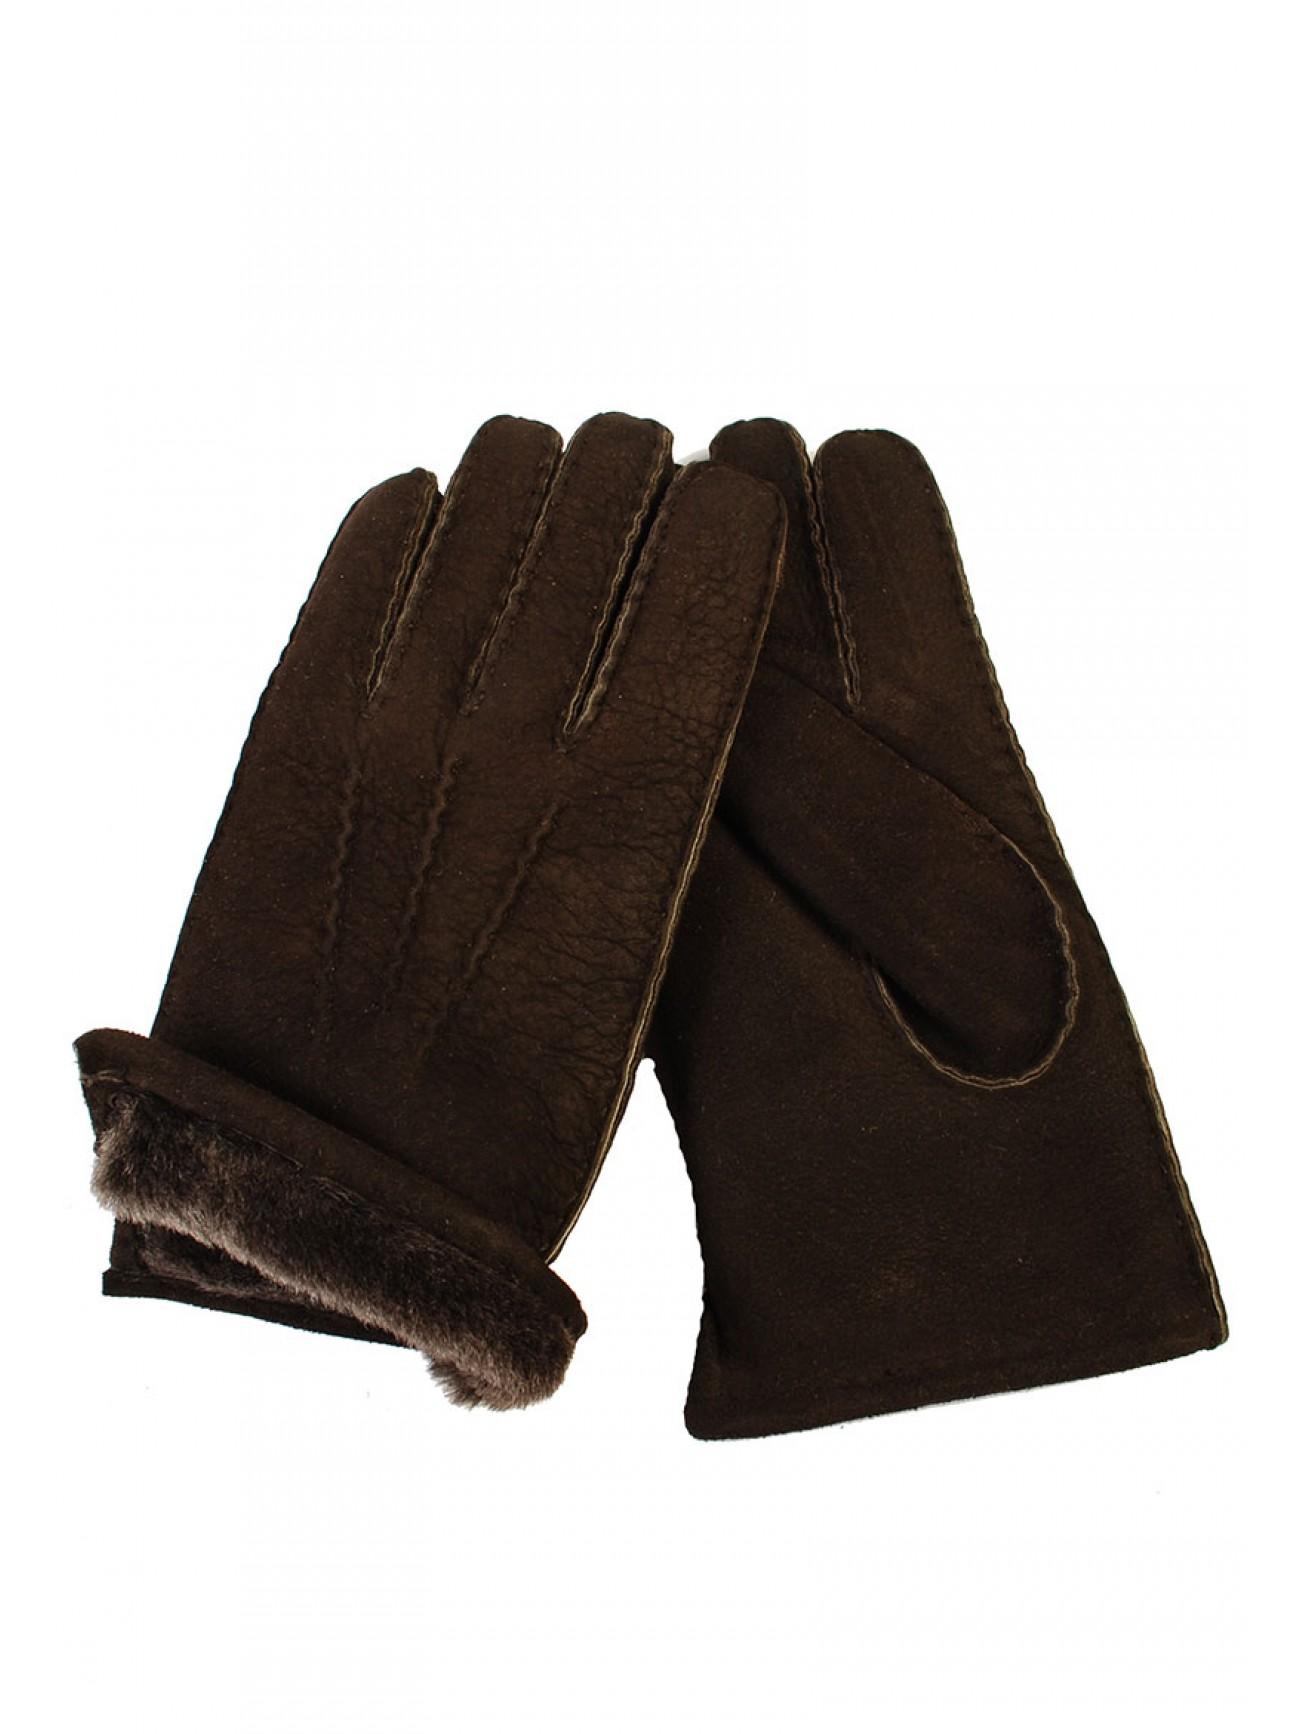 ugg tour brassard gants peau de mouton. Black Bedroom Furniture Sets. Home Design Ideas